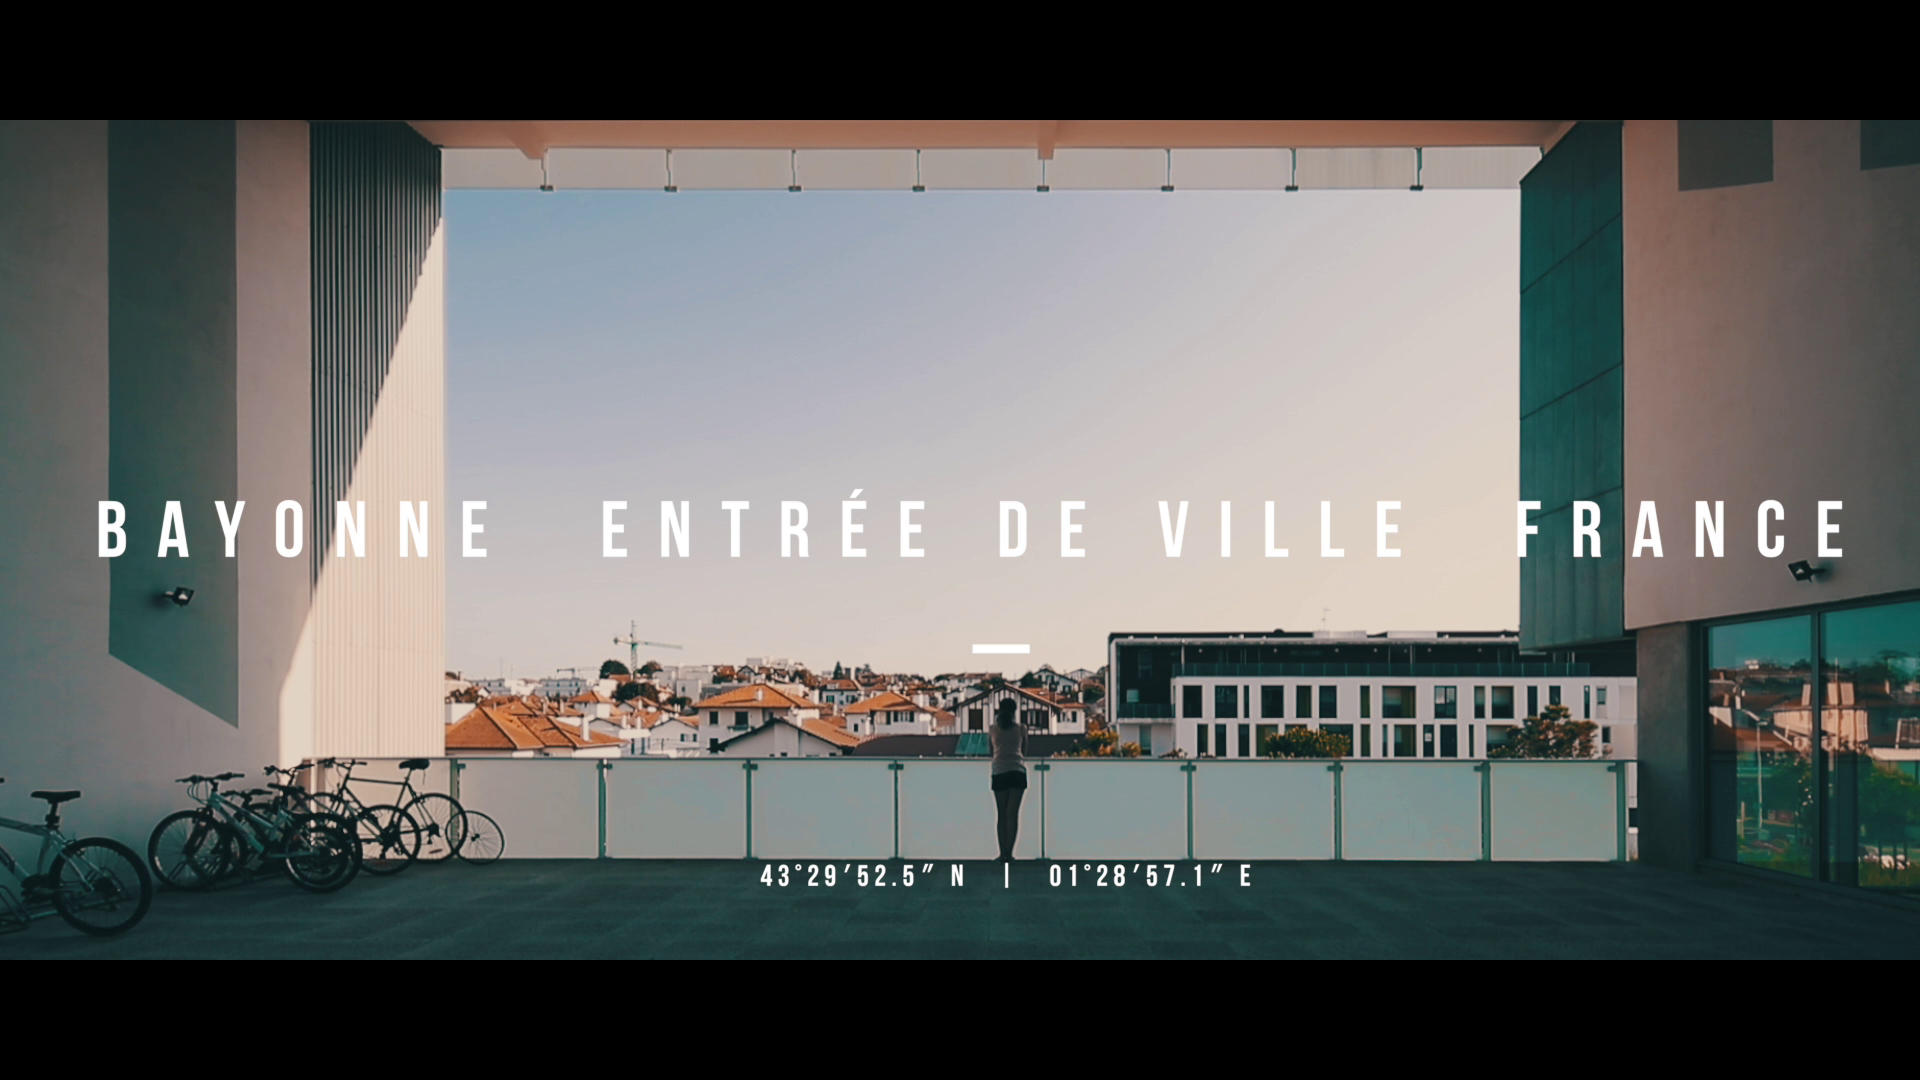 The Film of Bayonne. Entrée de Ville. France